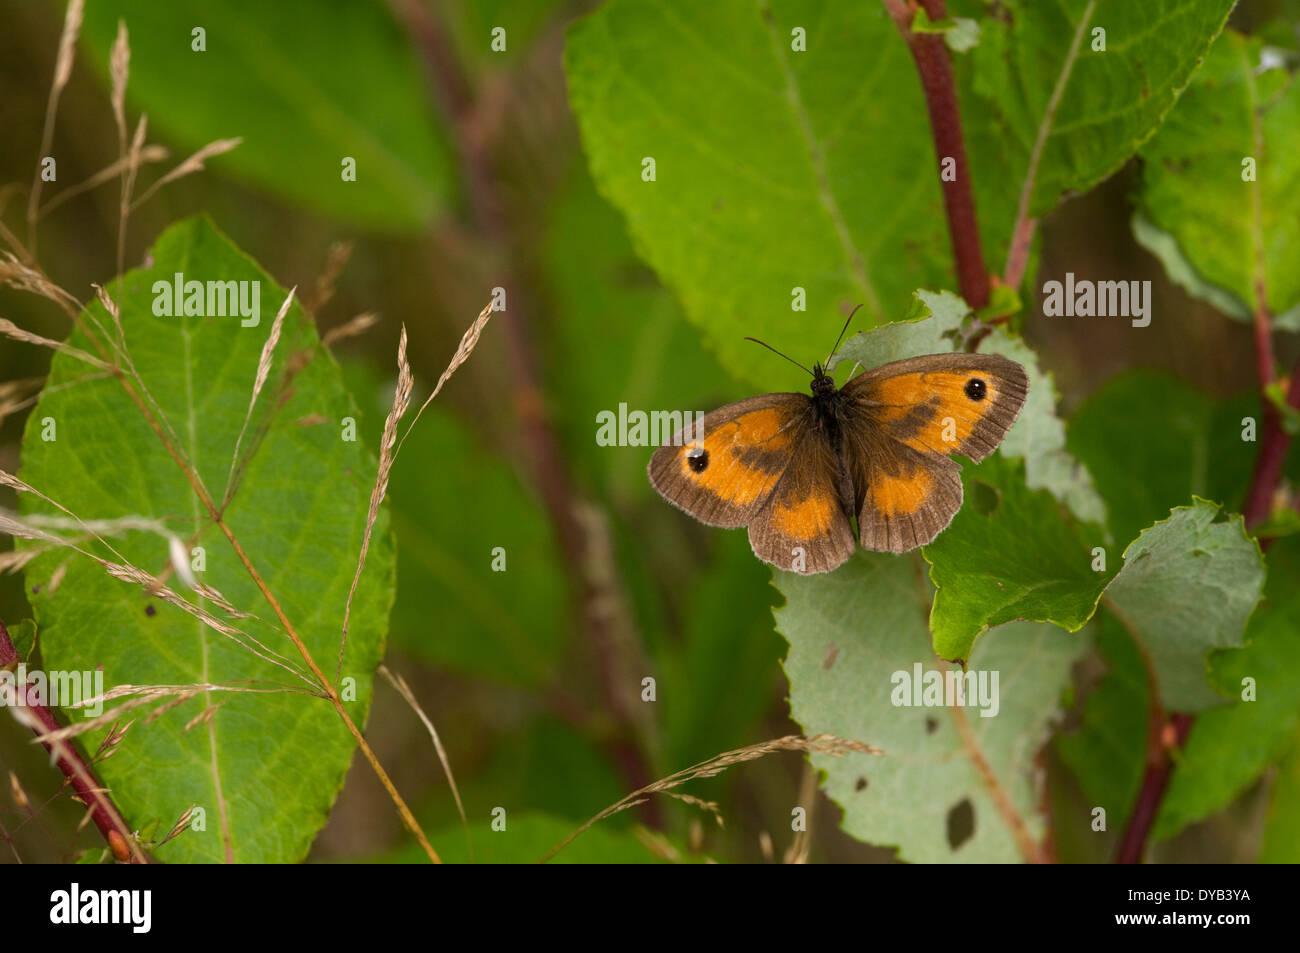 A Gatekeeper butterlfy  -  Pyronia tithonus - Stock Image